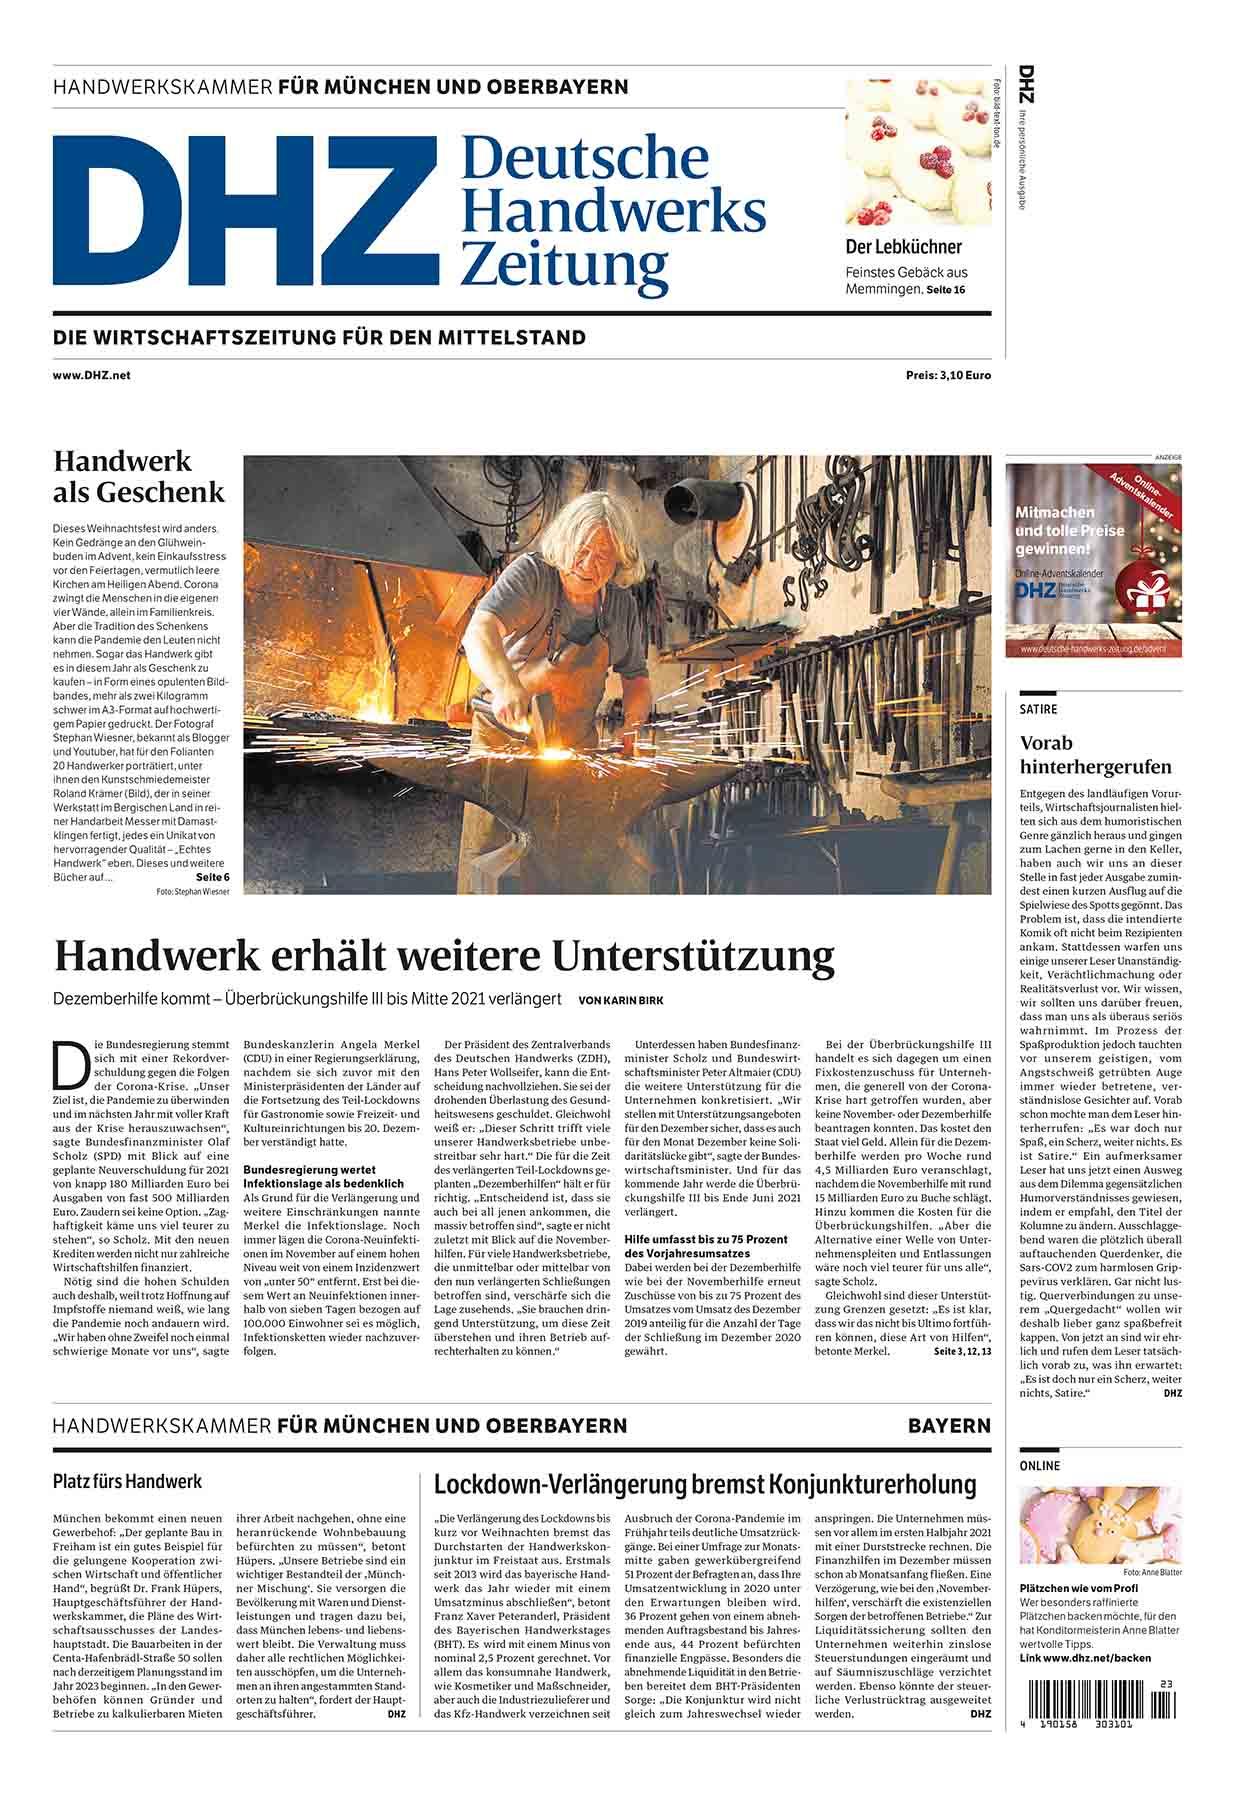 23_2020_Muenchen_und_Oberbayern_Titelseite_7.indd